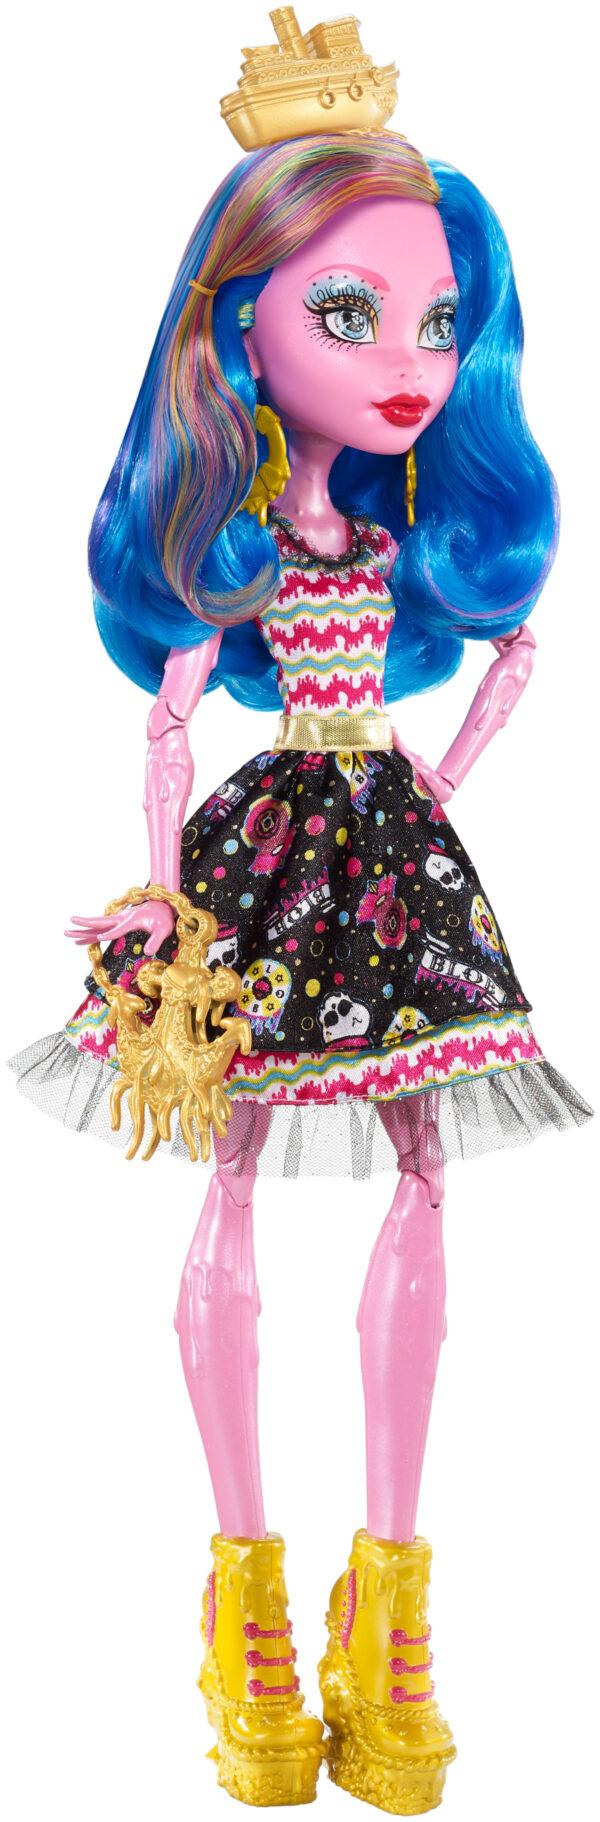 Gooliope - Altro - Toys Center - ALTRO - Fashion dolls